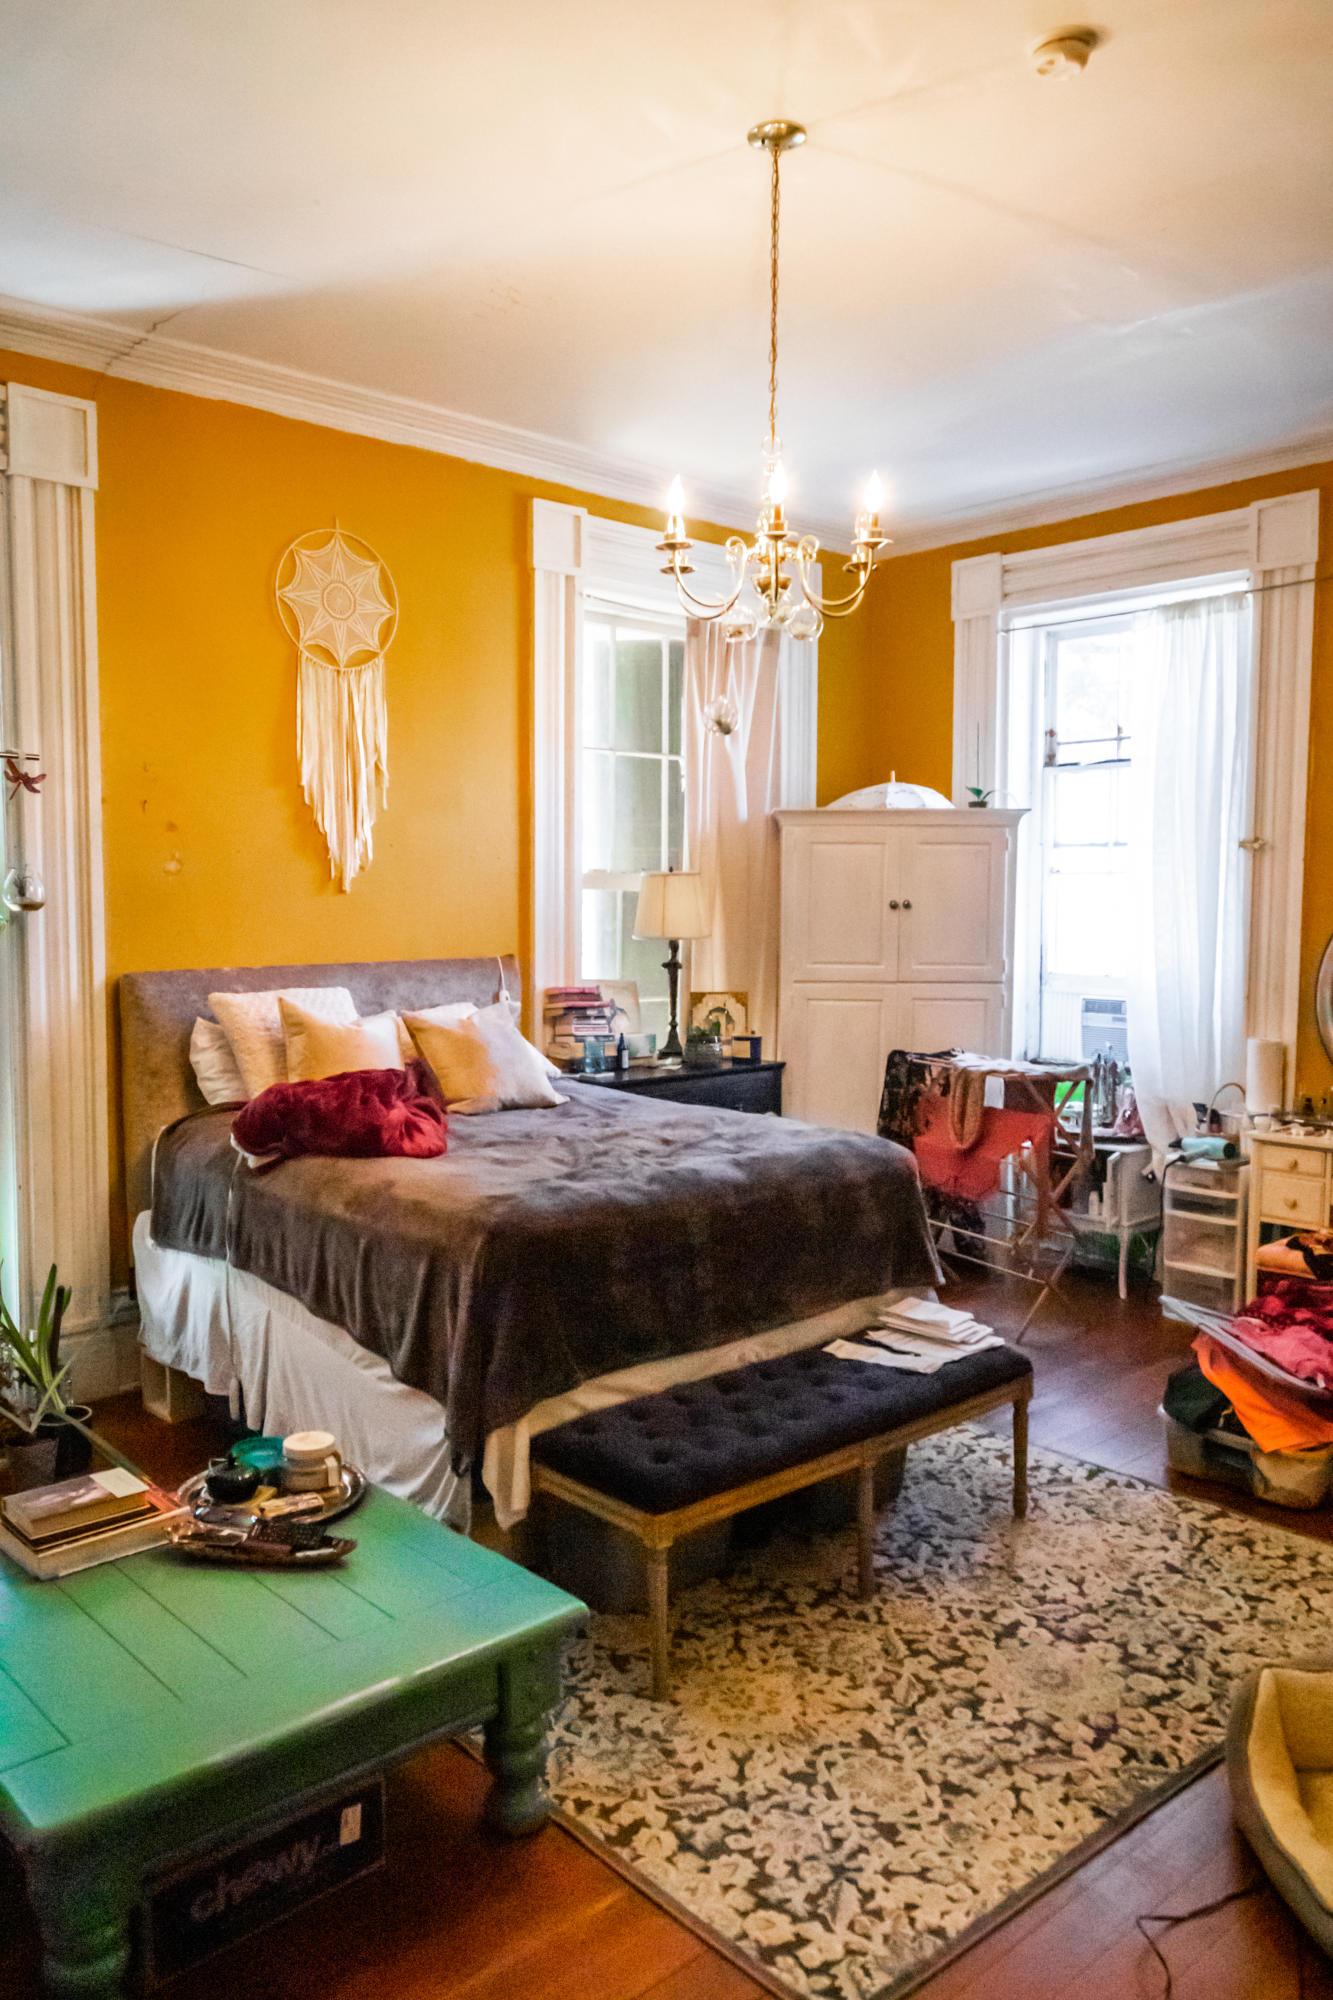 Harleston Village Homes For Sale - 157 Wentworth, Charleston, SC - 8